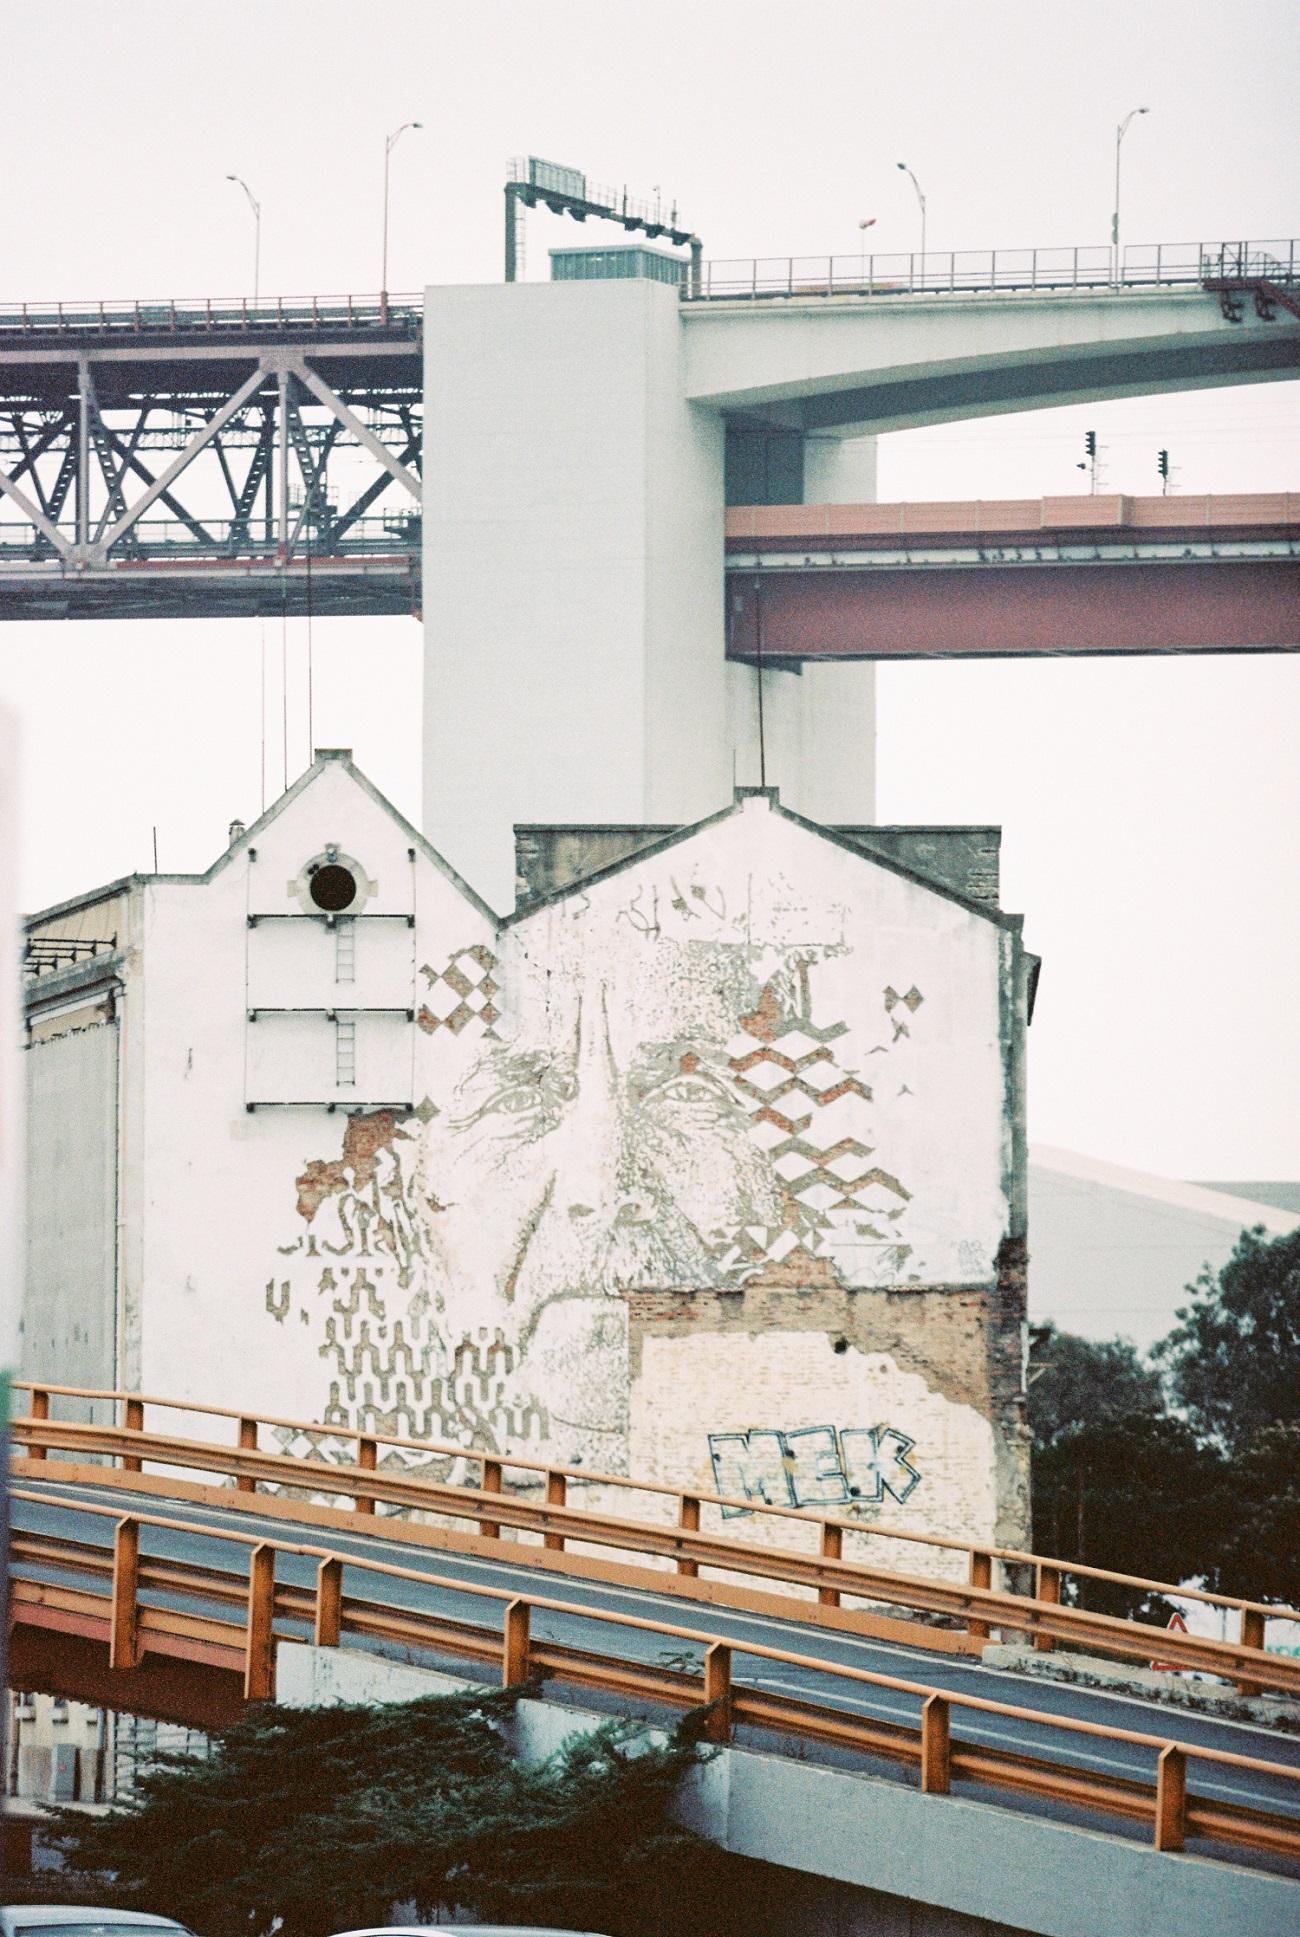 000009 графити-2.jpg